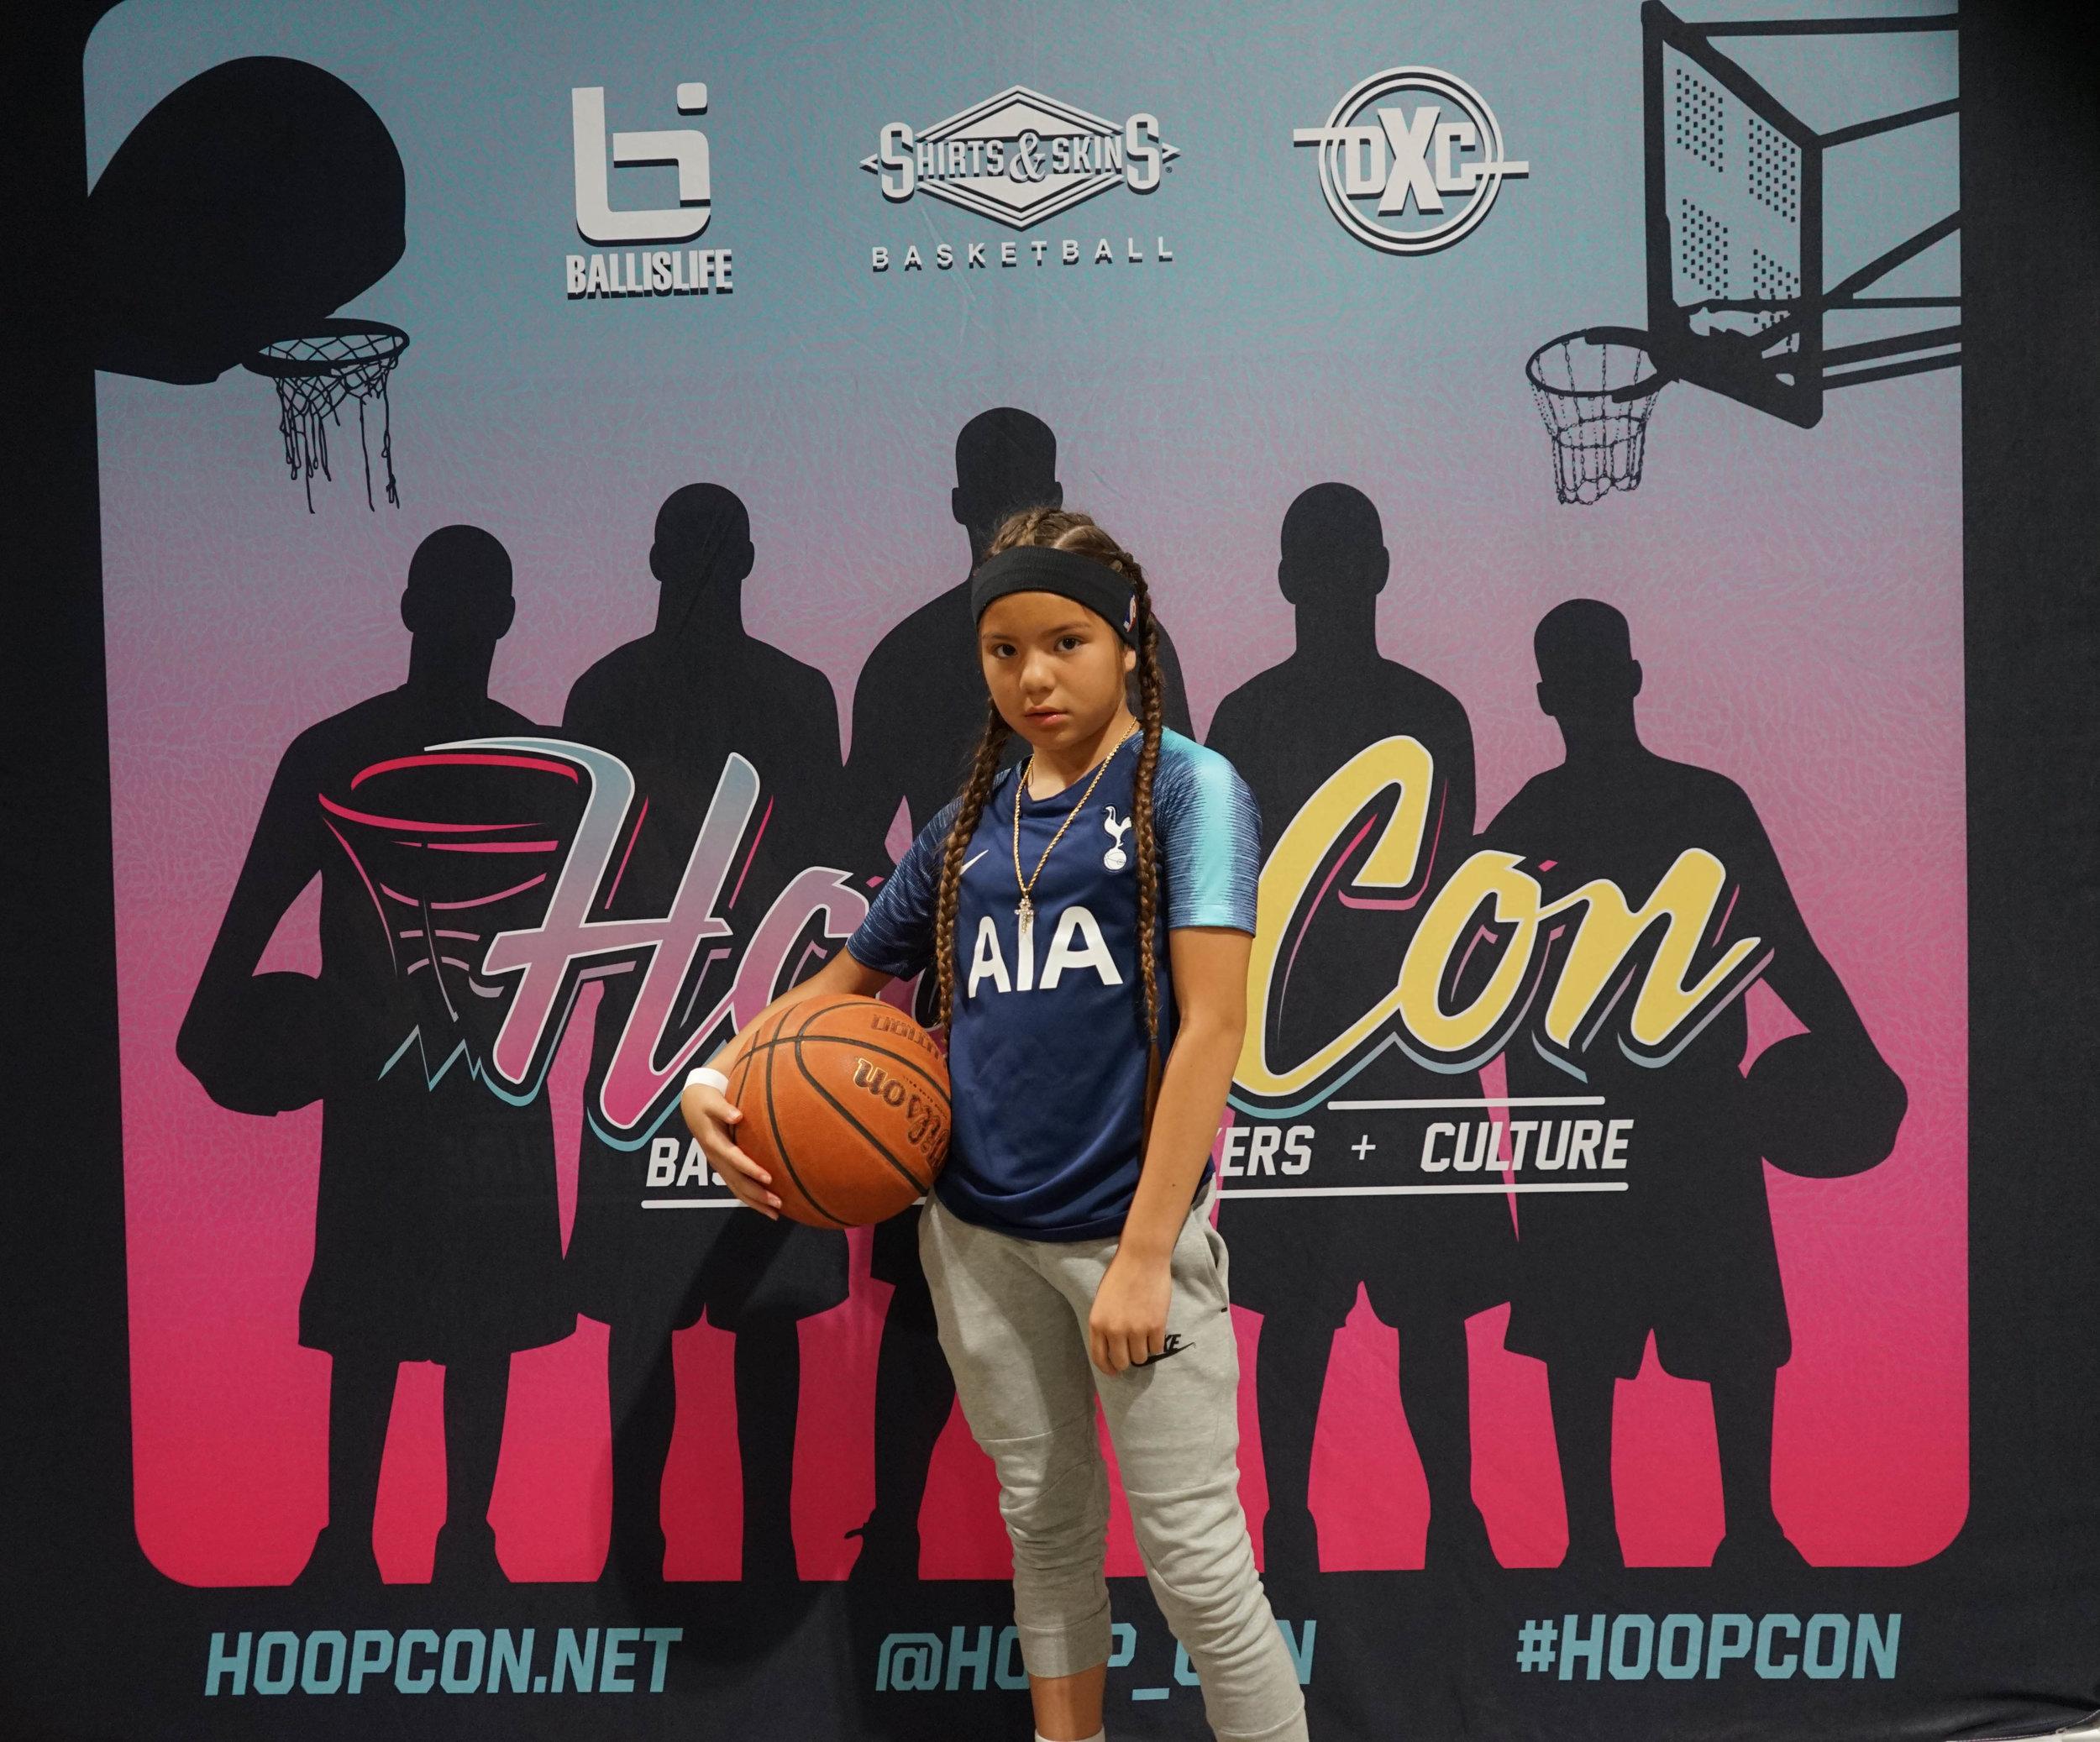 Hoopcon_Girl.jpg